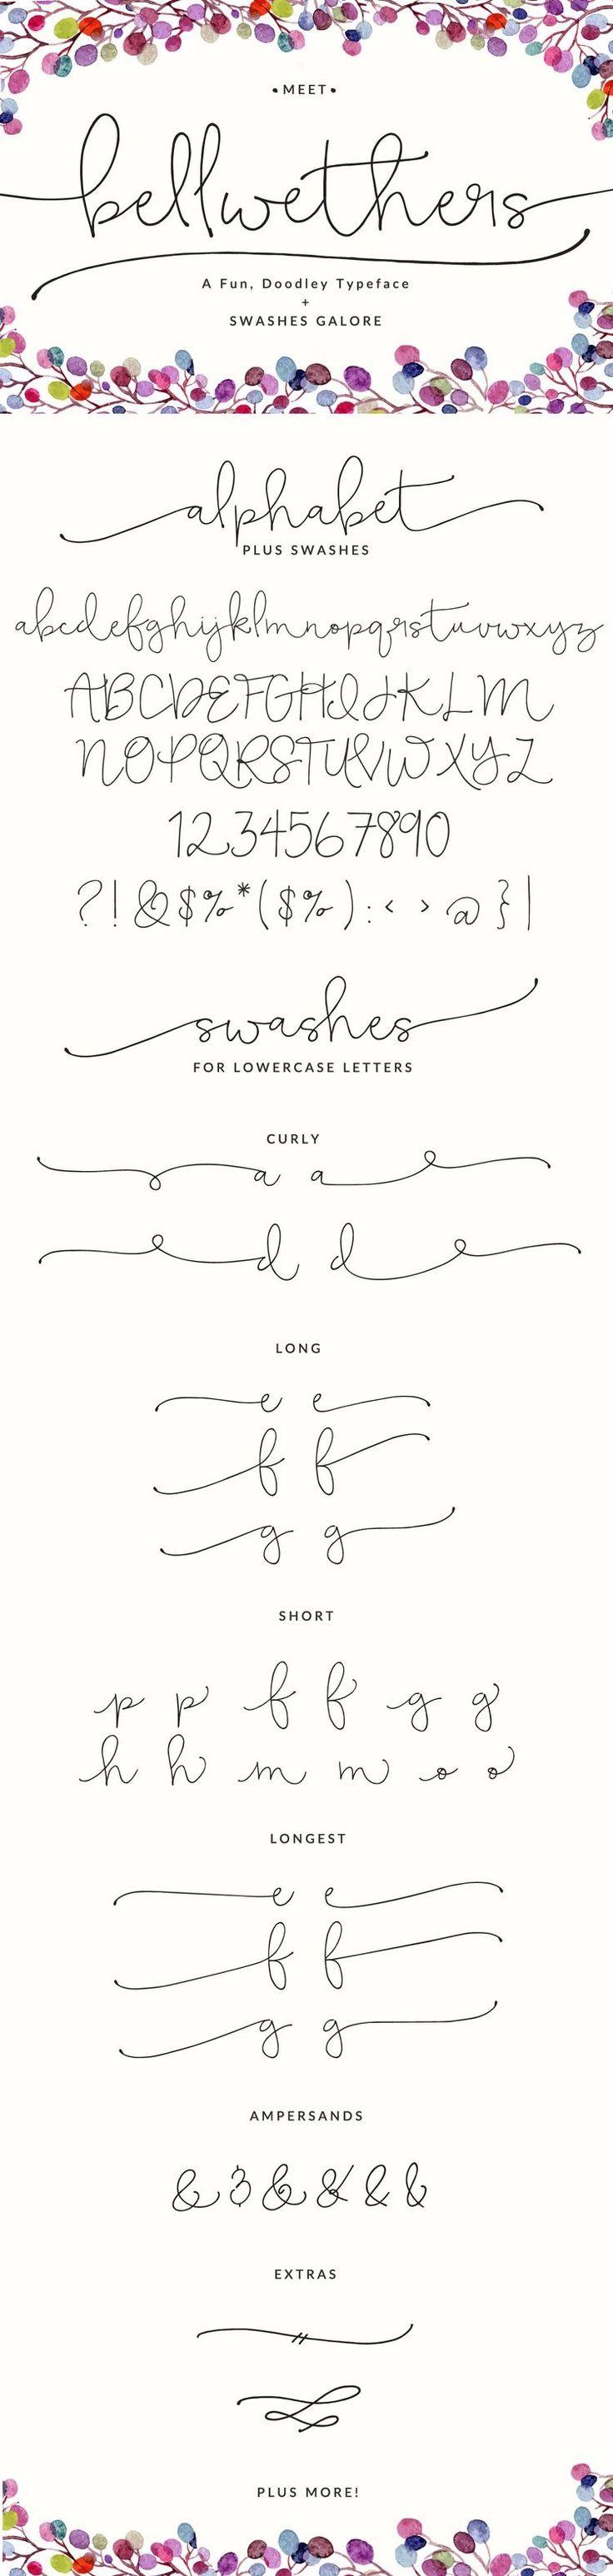 Best 25 Great fonts ideas on Pinterest